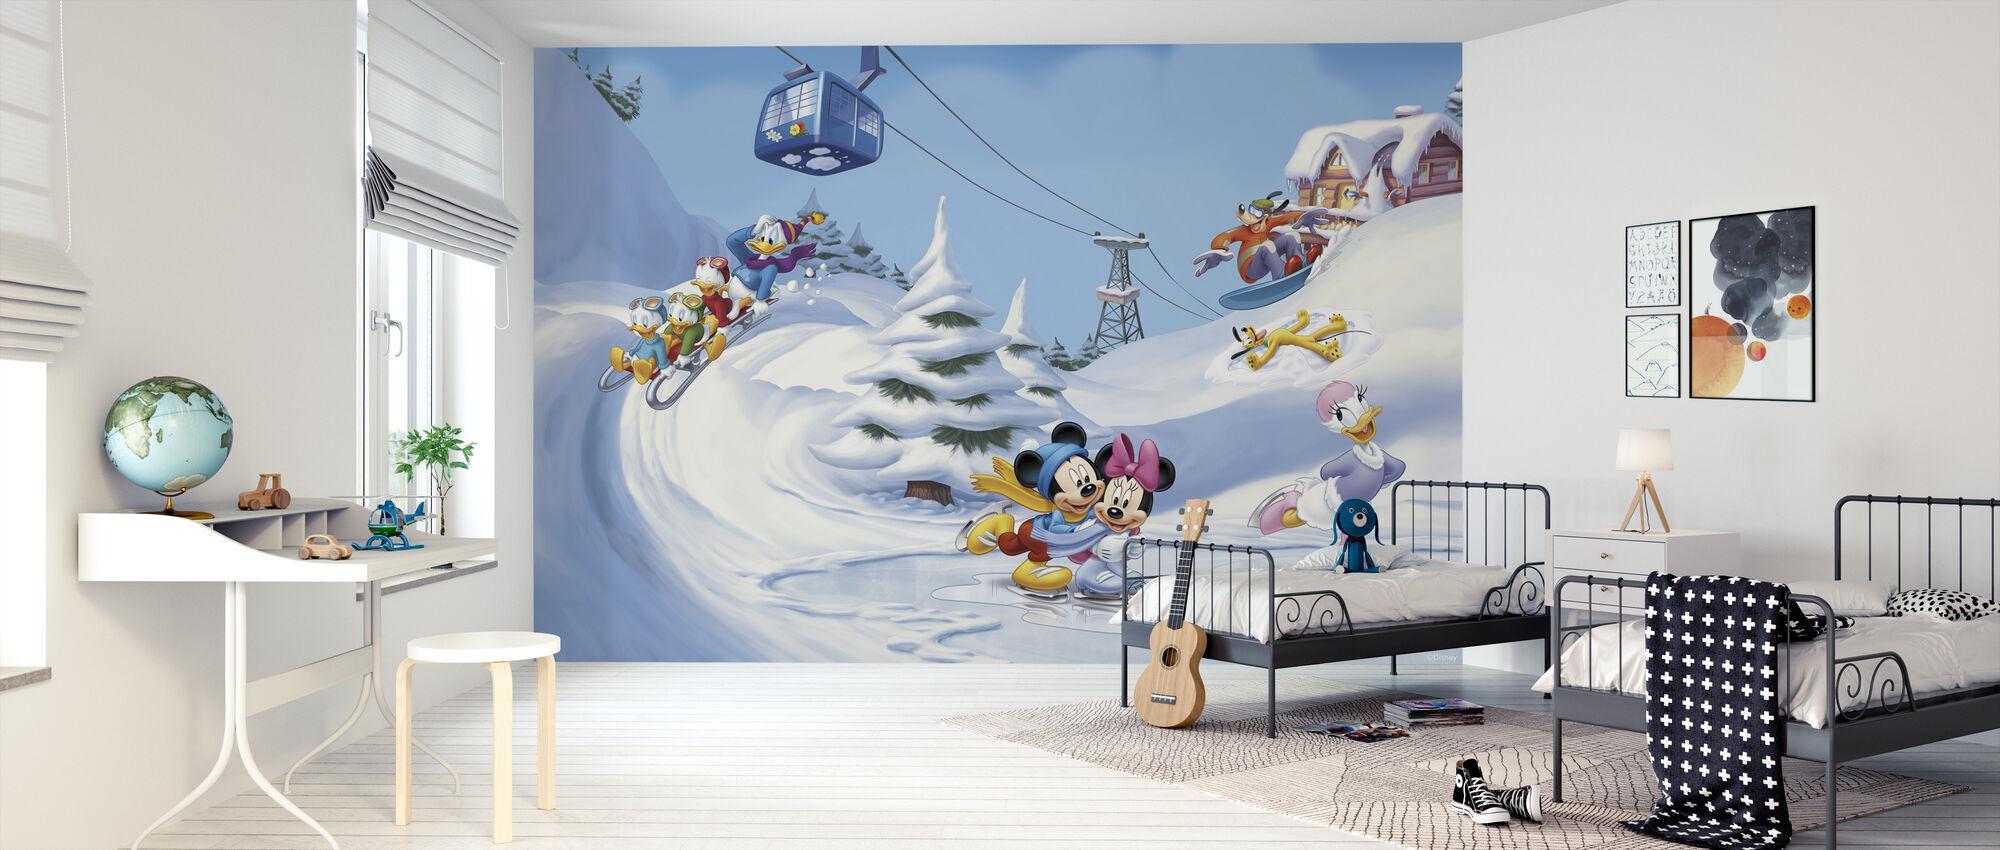 Mikki ja ystävät - Talvi Fun - Tapetti - Lastenhuone